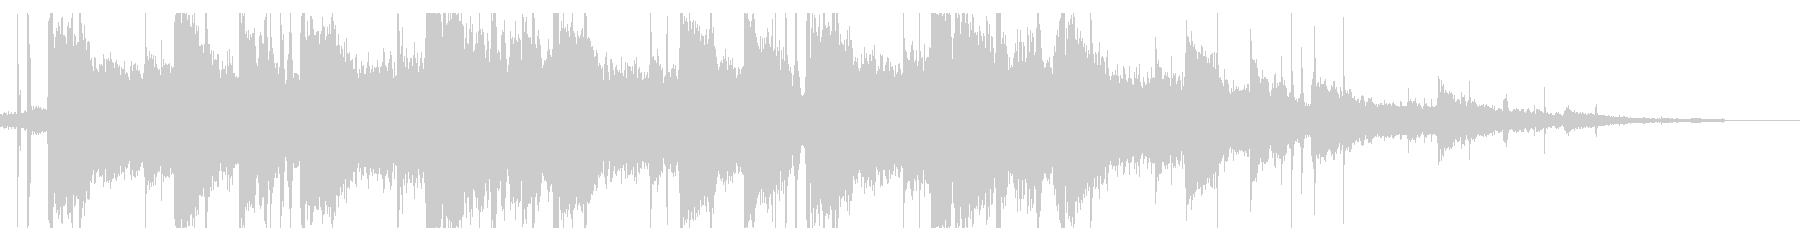 海/ローファイ_No404_2の未再生の波形